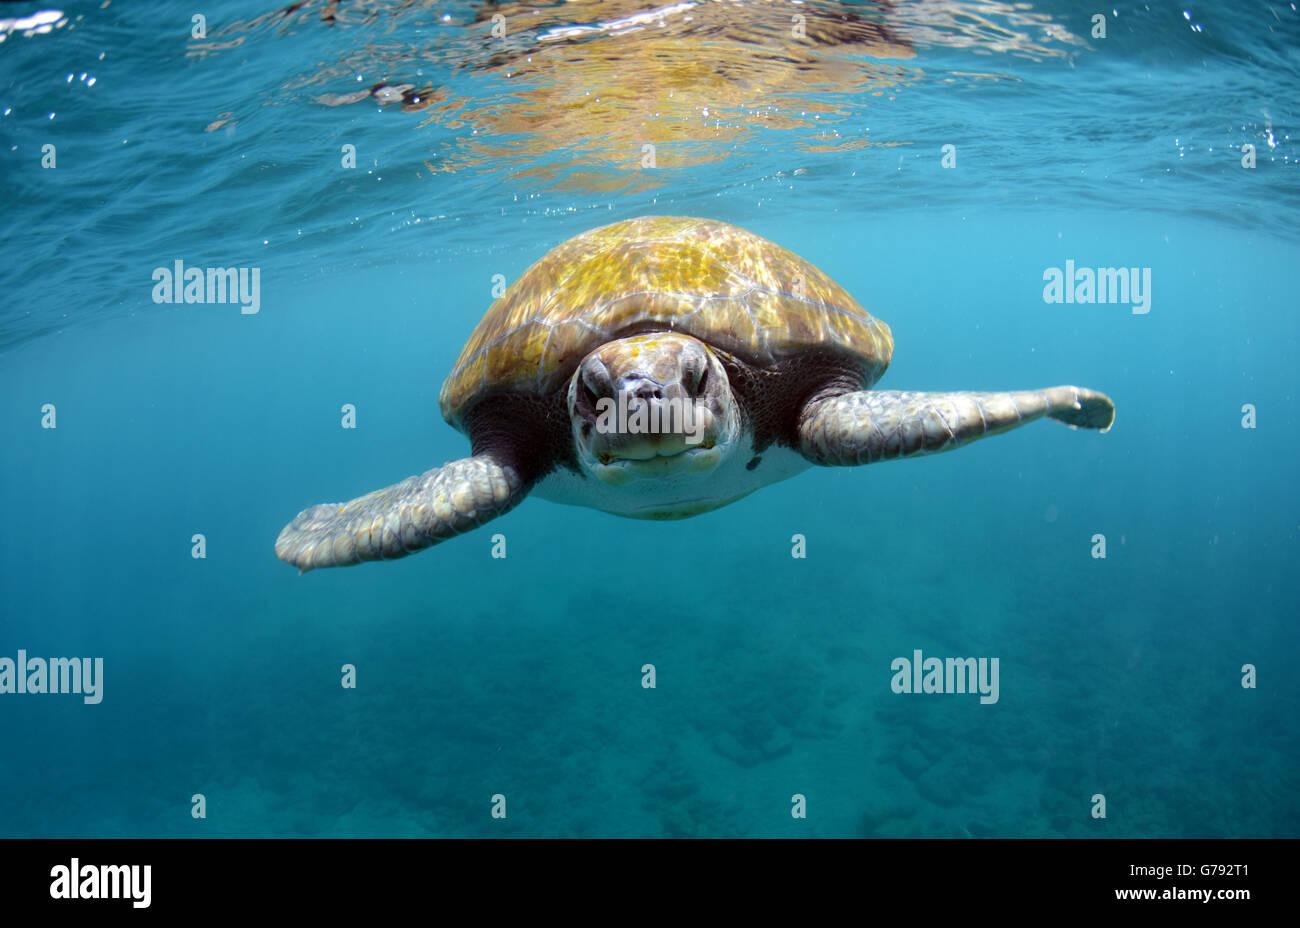 Green turtle in Tenerife - Stock Image